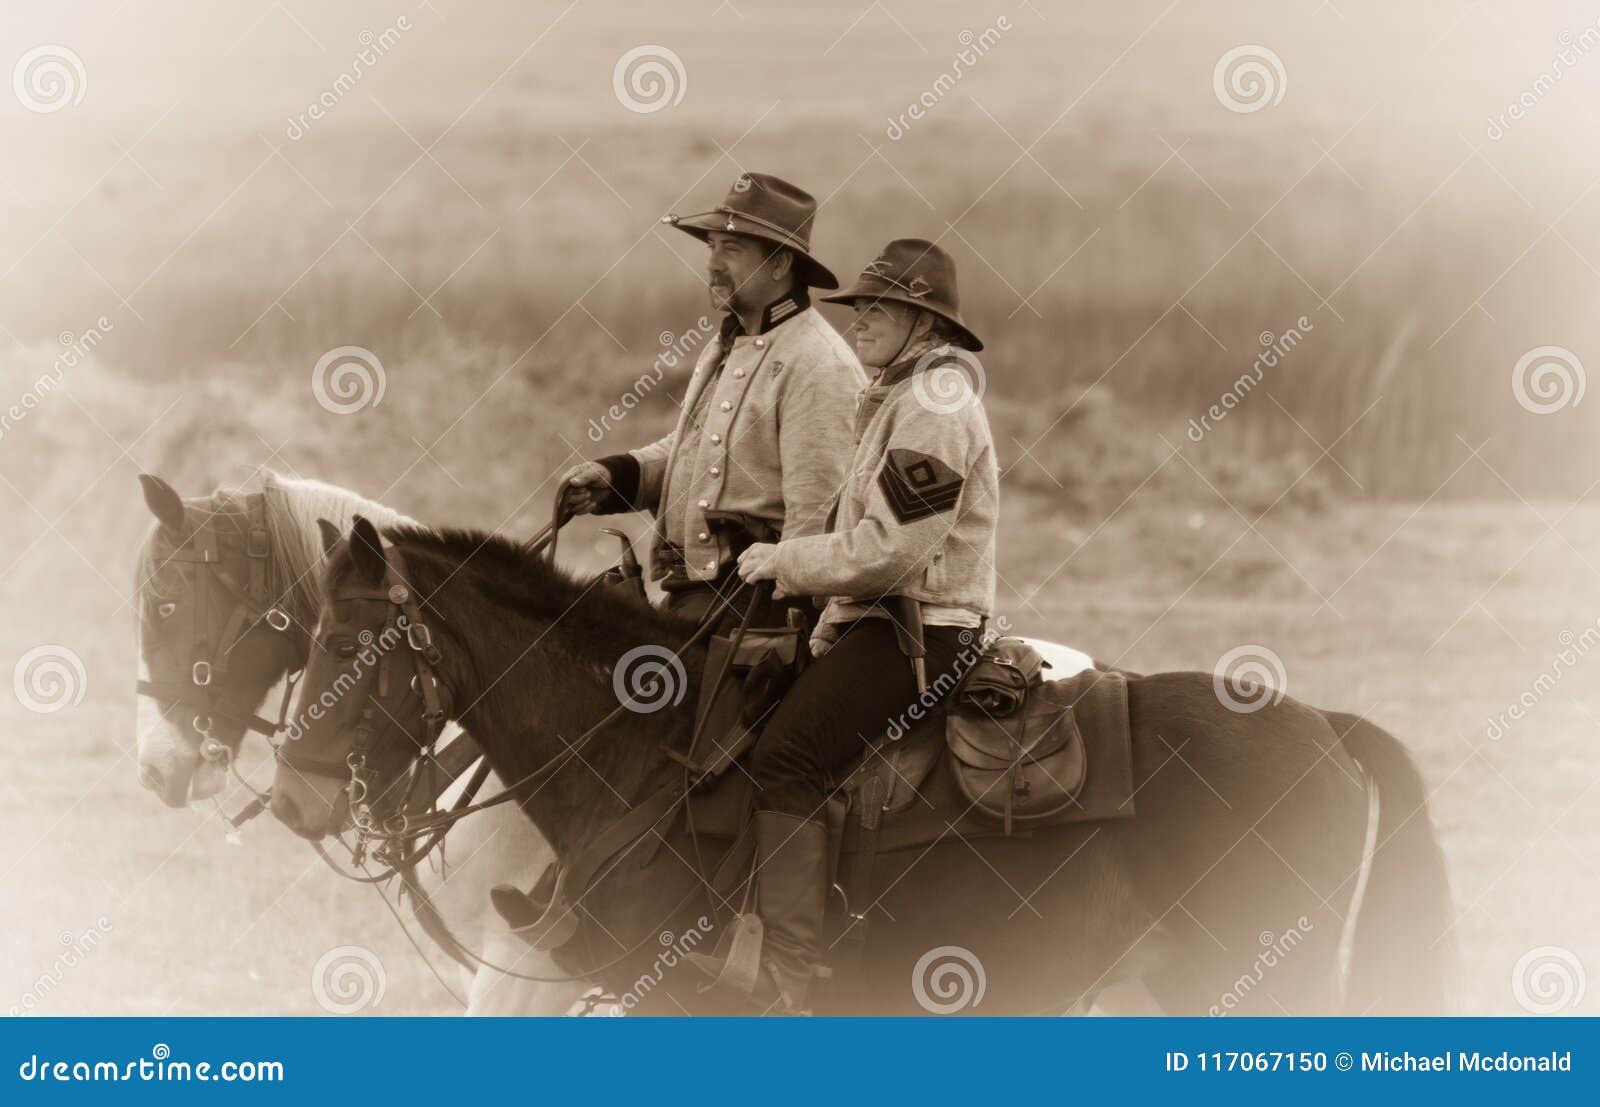 Pre-slaggesprek op Horseback